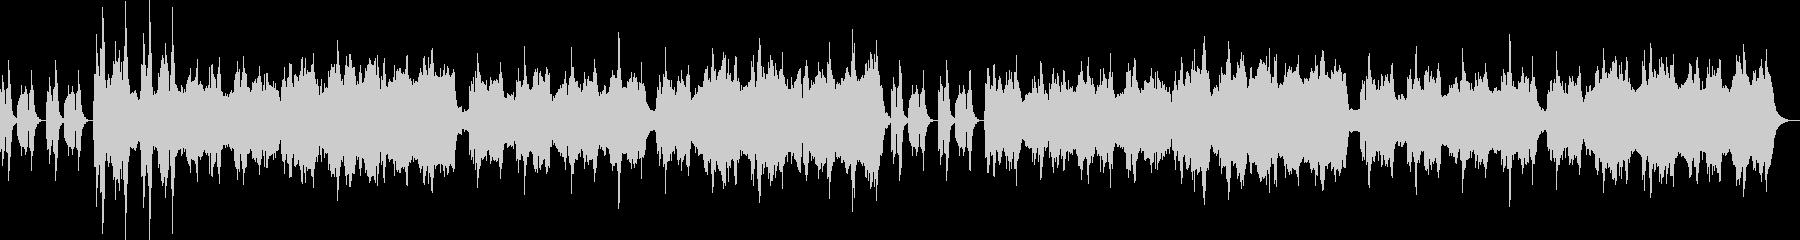 低音ストリングスとスネア刻み不穏なBGMの未再生の波形